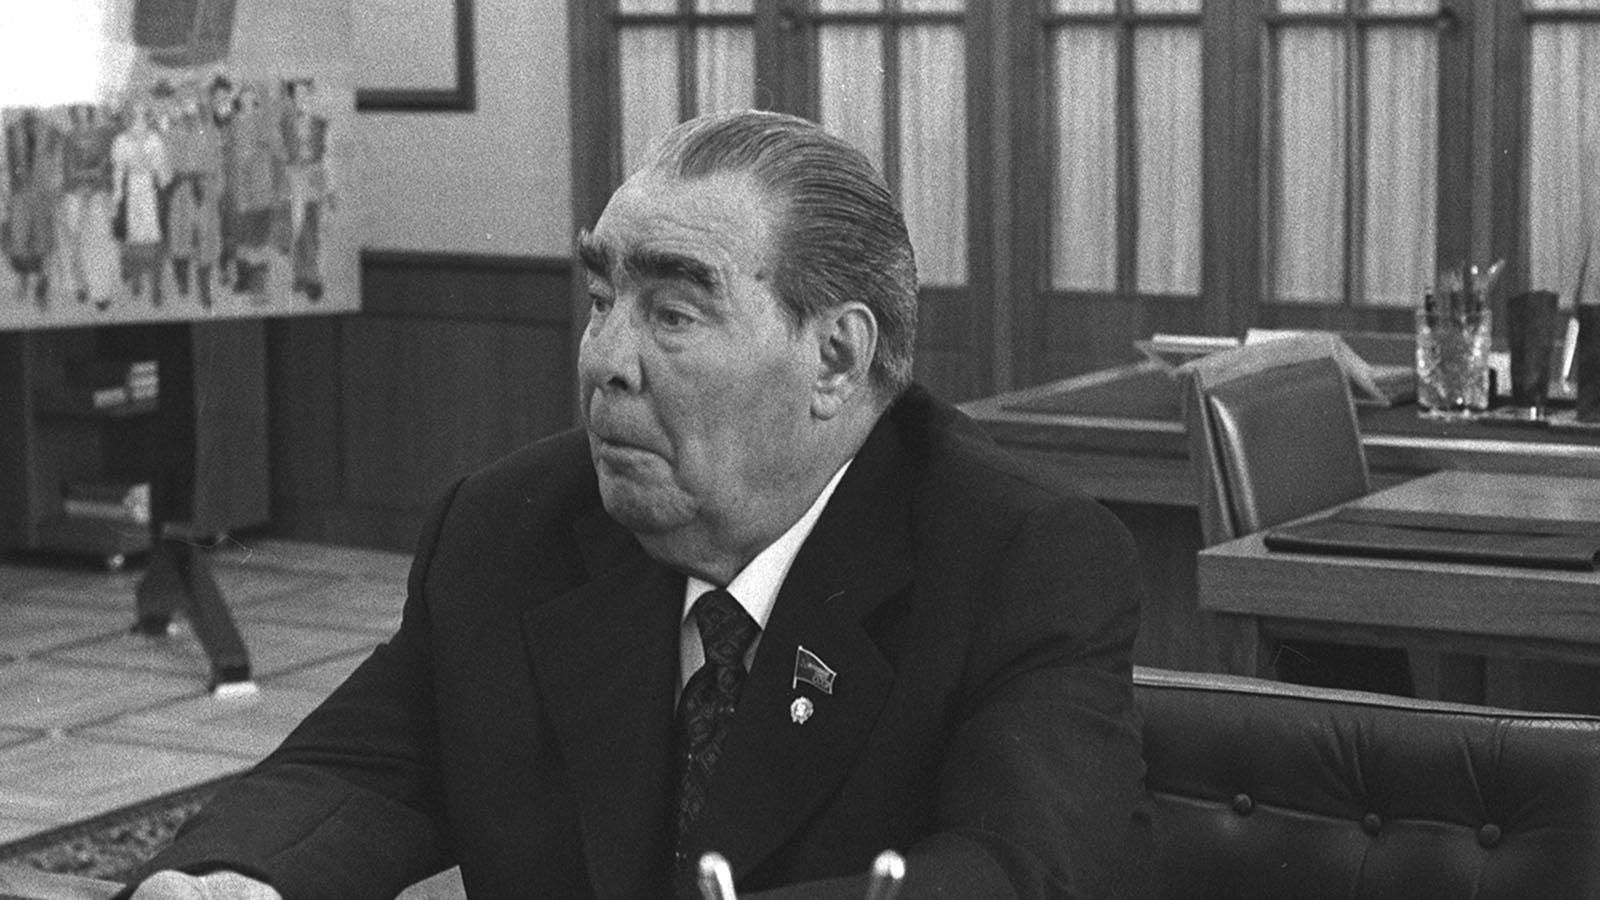 10 ноября 1982 года скончался генеральный секретарь ЦК КПСС, председатель Президиума Верховного Совета СССР Леонид Ильич Брежнев. Время его правления принято называть «эпохой застоя», хотя объективности ради стоит признать, что стагнация экономики и политической системы в СССР – отличительные черты  все же 1970-х-начала 1980-х. Возглавив страну в 1964-м, Леонид Брежнев содействовал многим прогрессивным преобразованиям. Начавшаяся в 1965-м экономическая реформа была нацелена на интенсивное наращивание промышленных мощностей и развитие сельского хозяйства в условиях частичной децентрализации власти, что открывало для регионов неплохие перспективы; всячески поддерживалось развитие науки и культуры; было сделано действительно немало для укрепления мира и снижения международной напряженности.